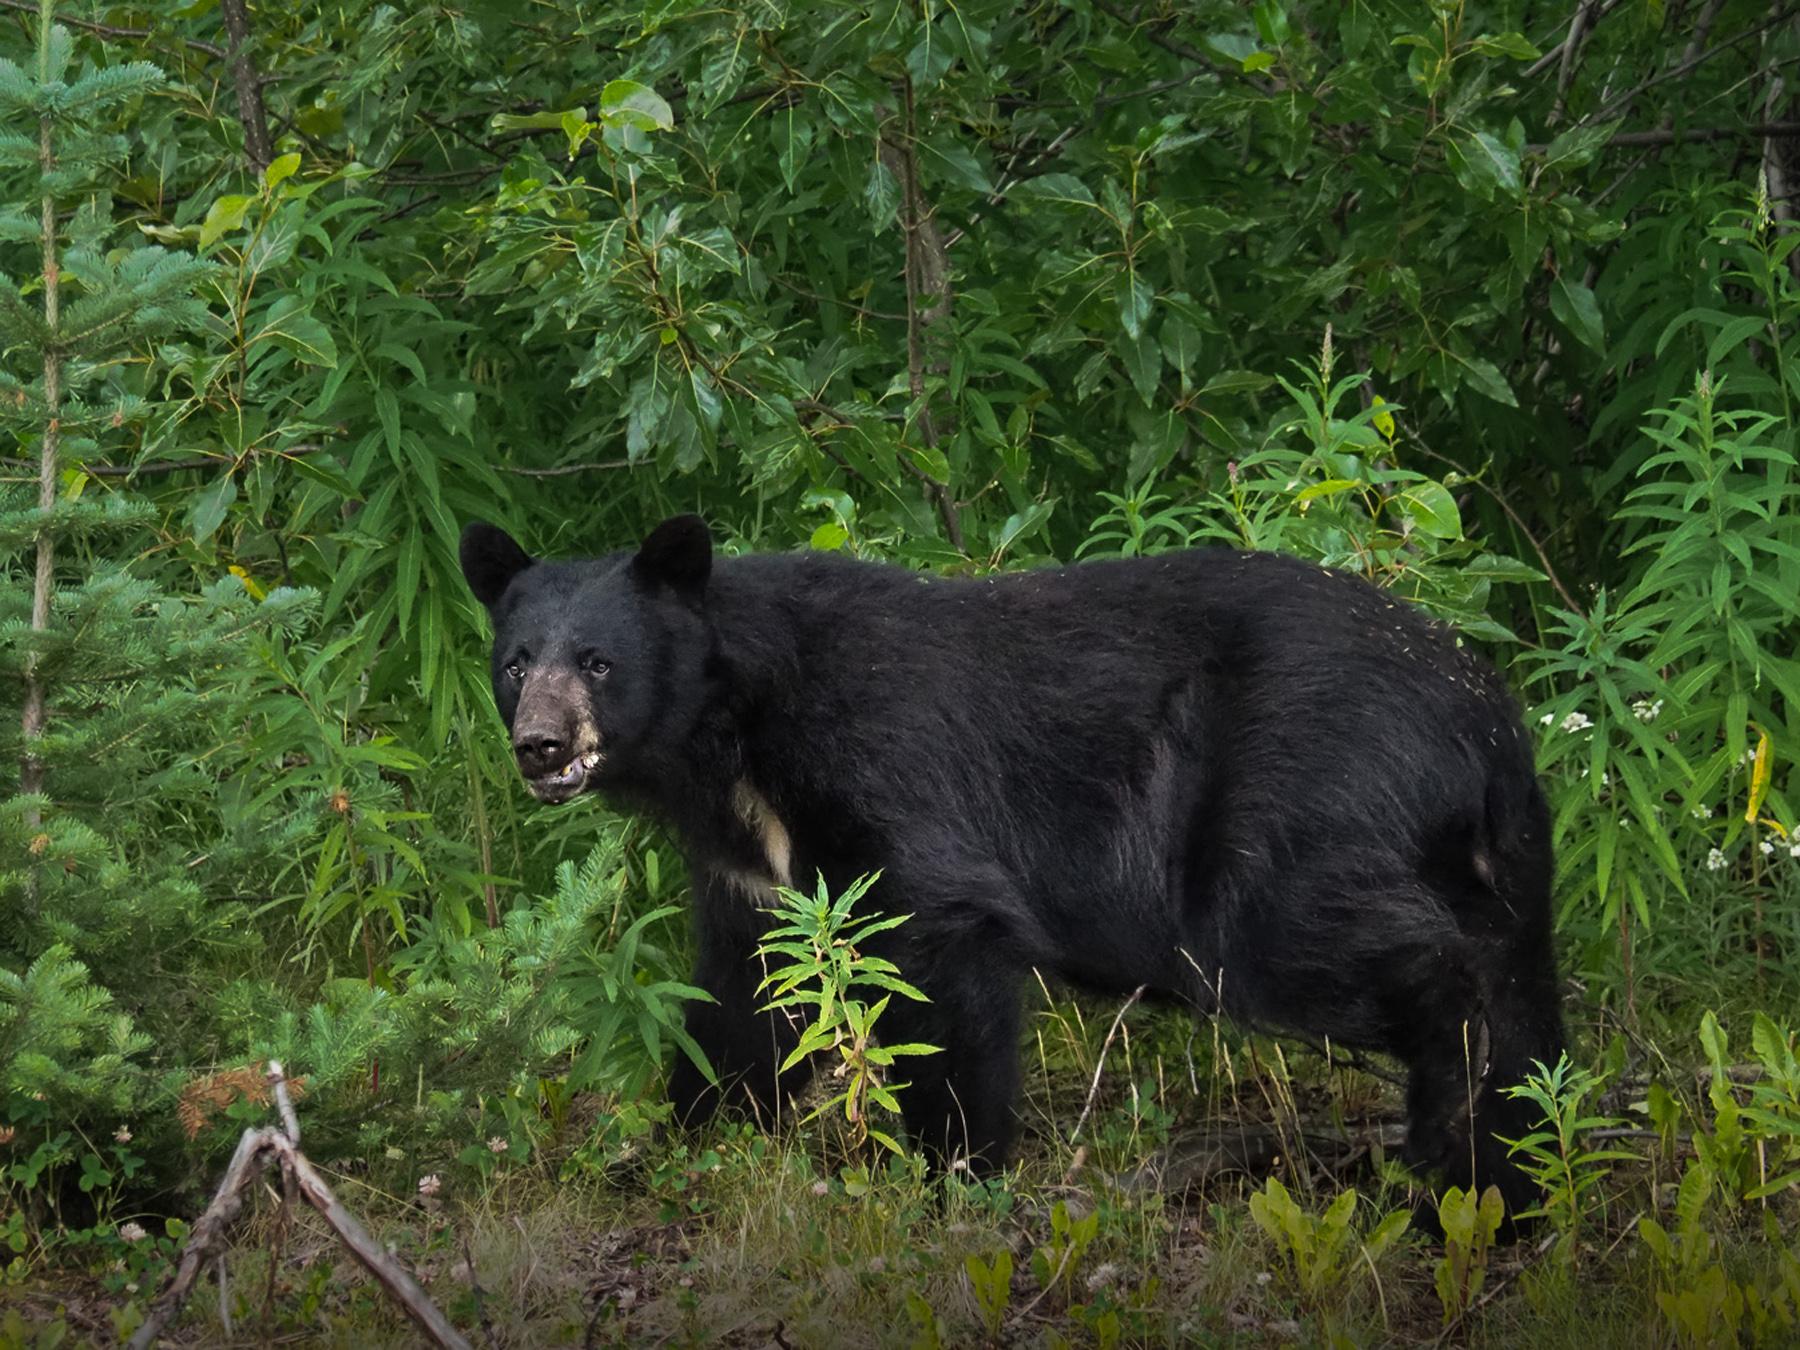 später mal noch ein großer Bär